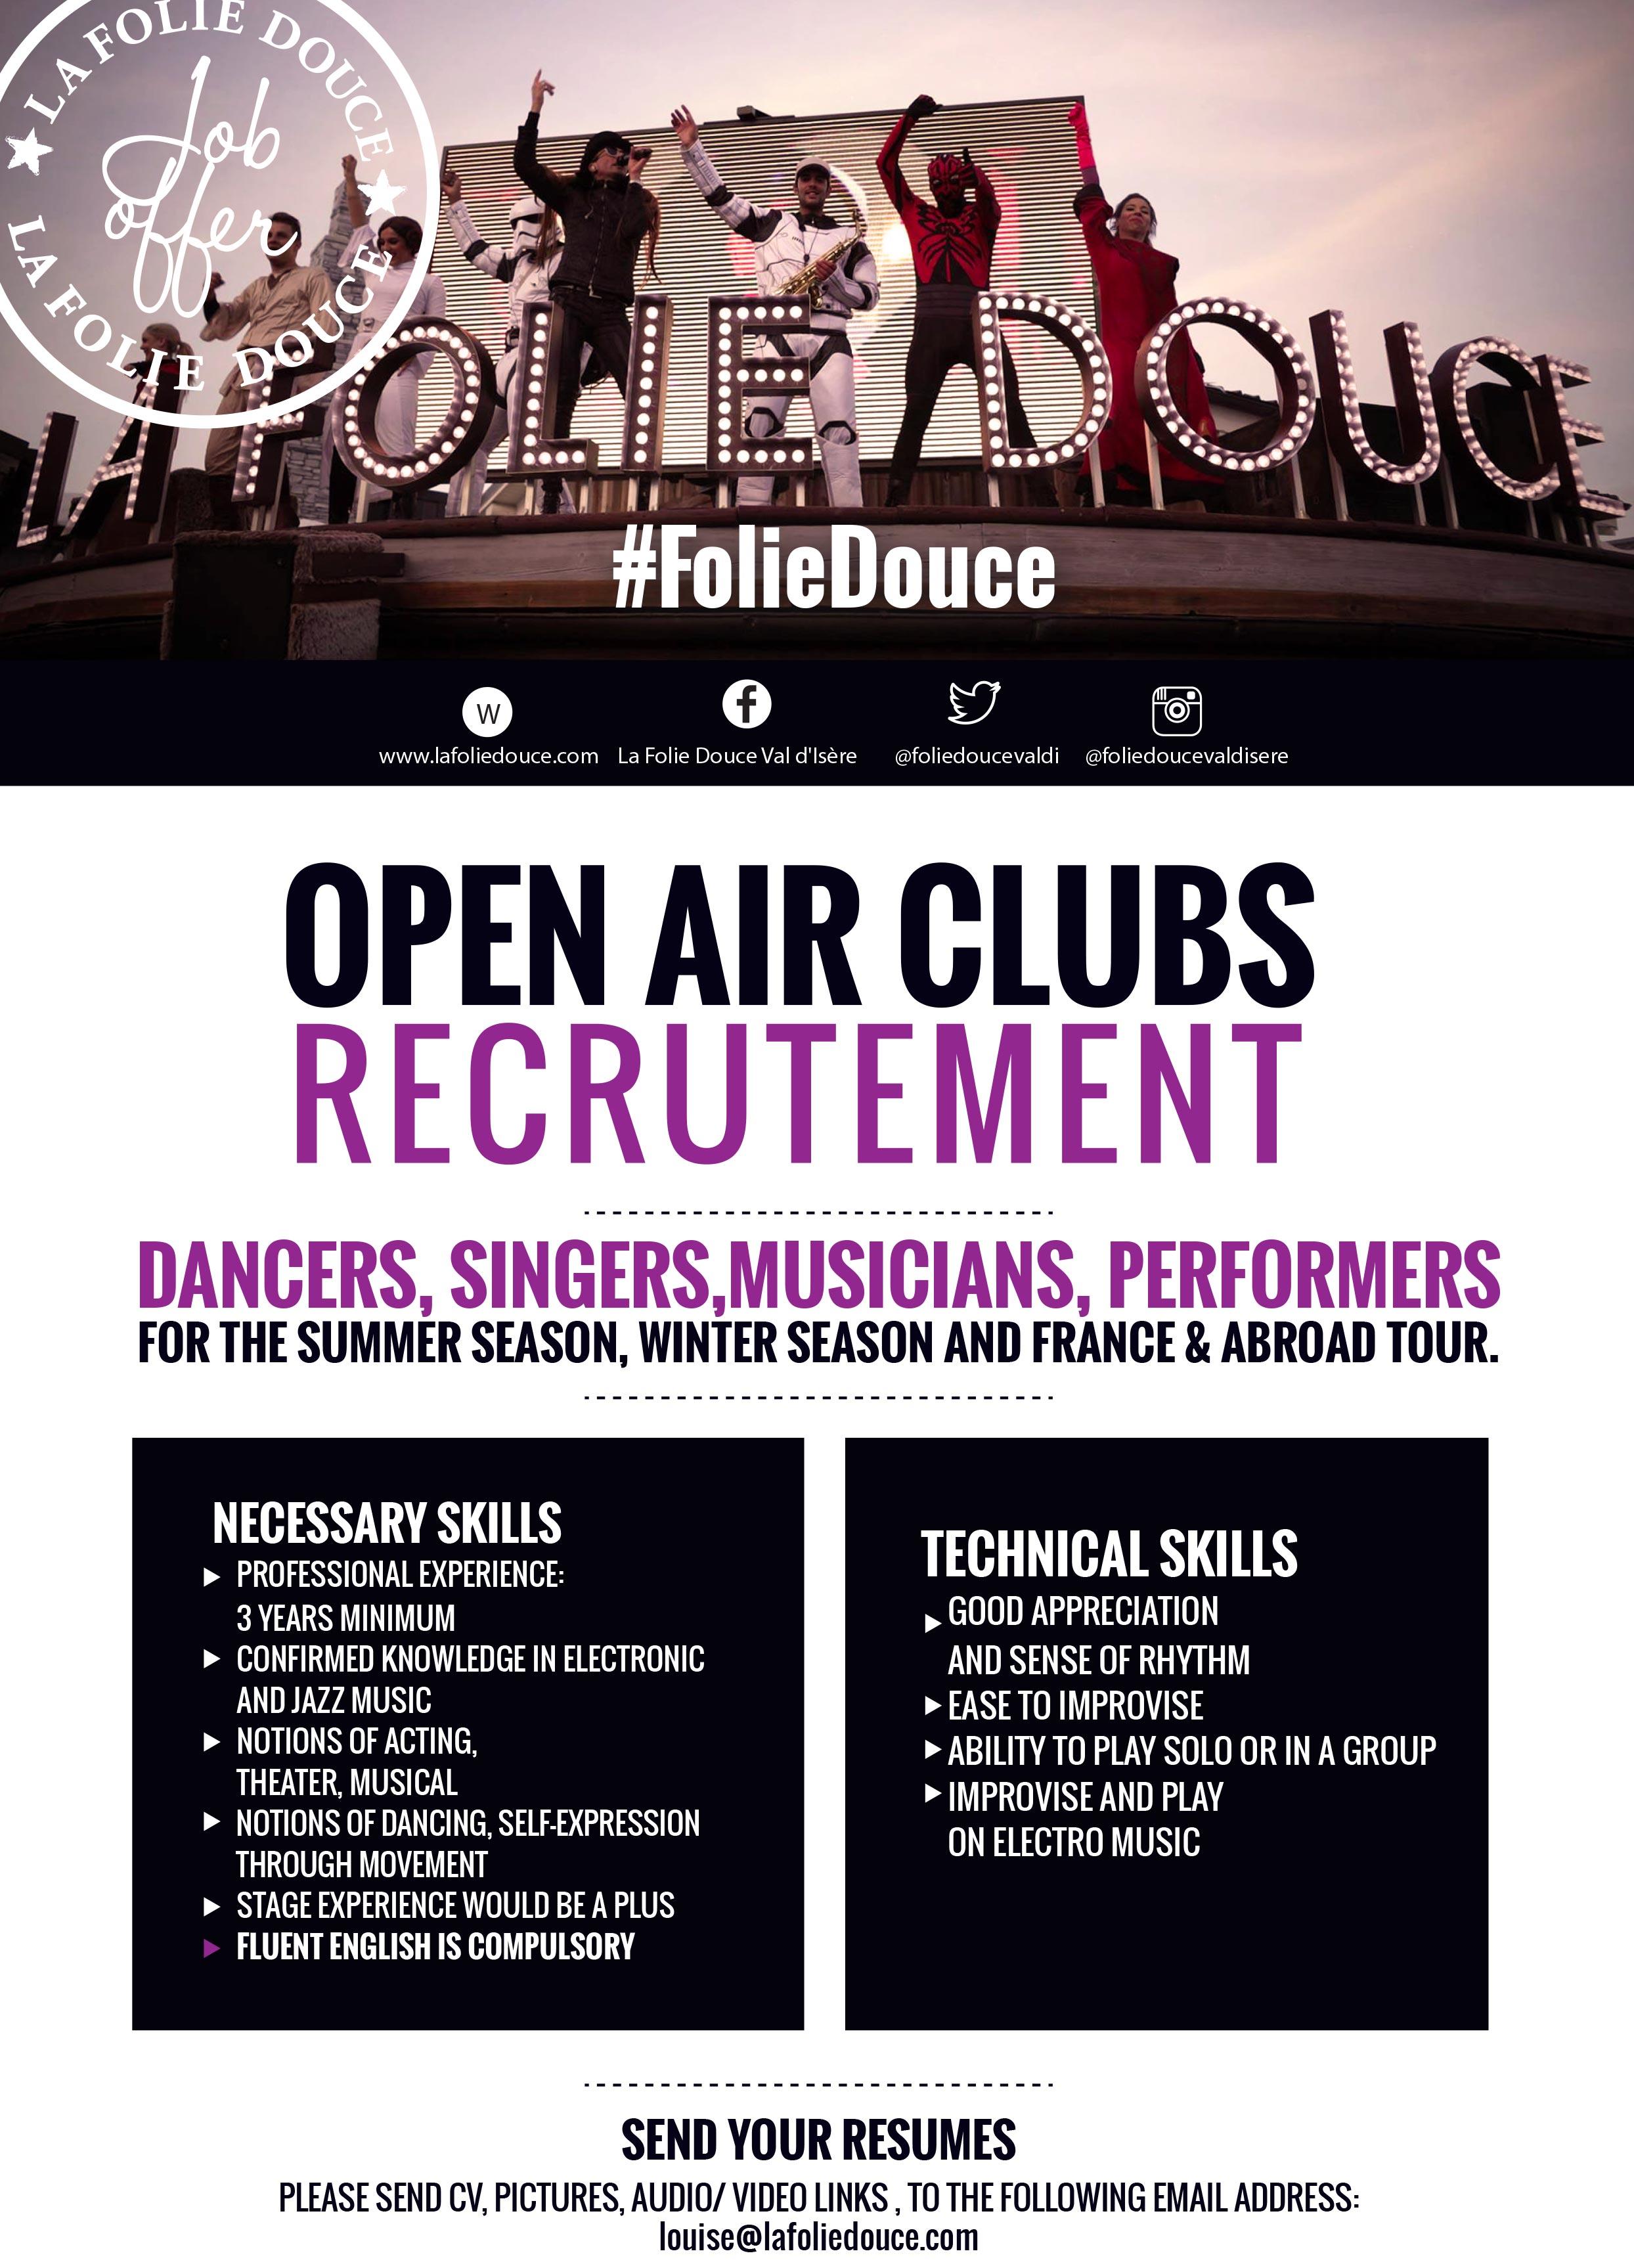 Job offer for musicians!